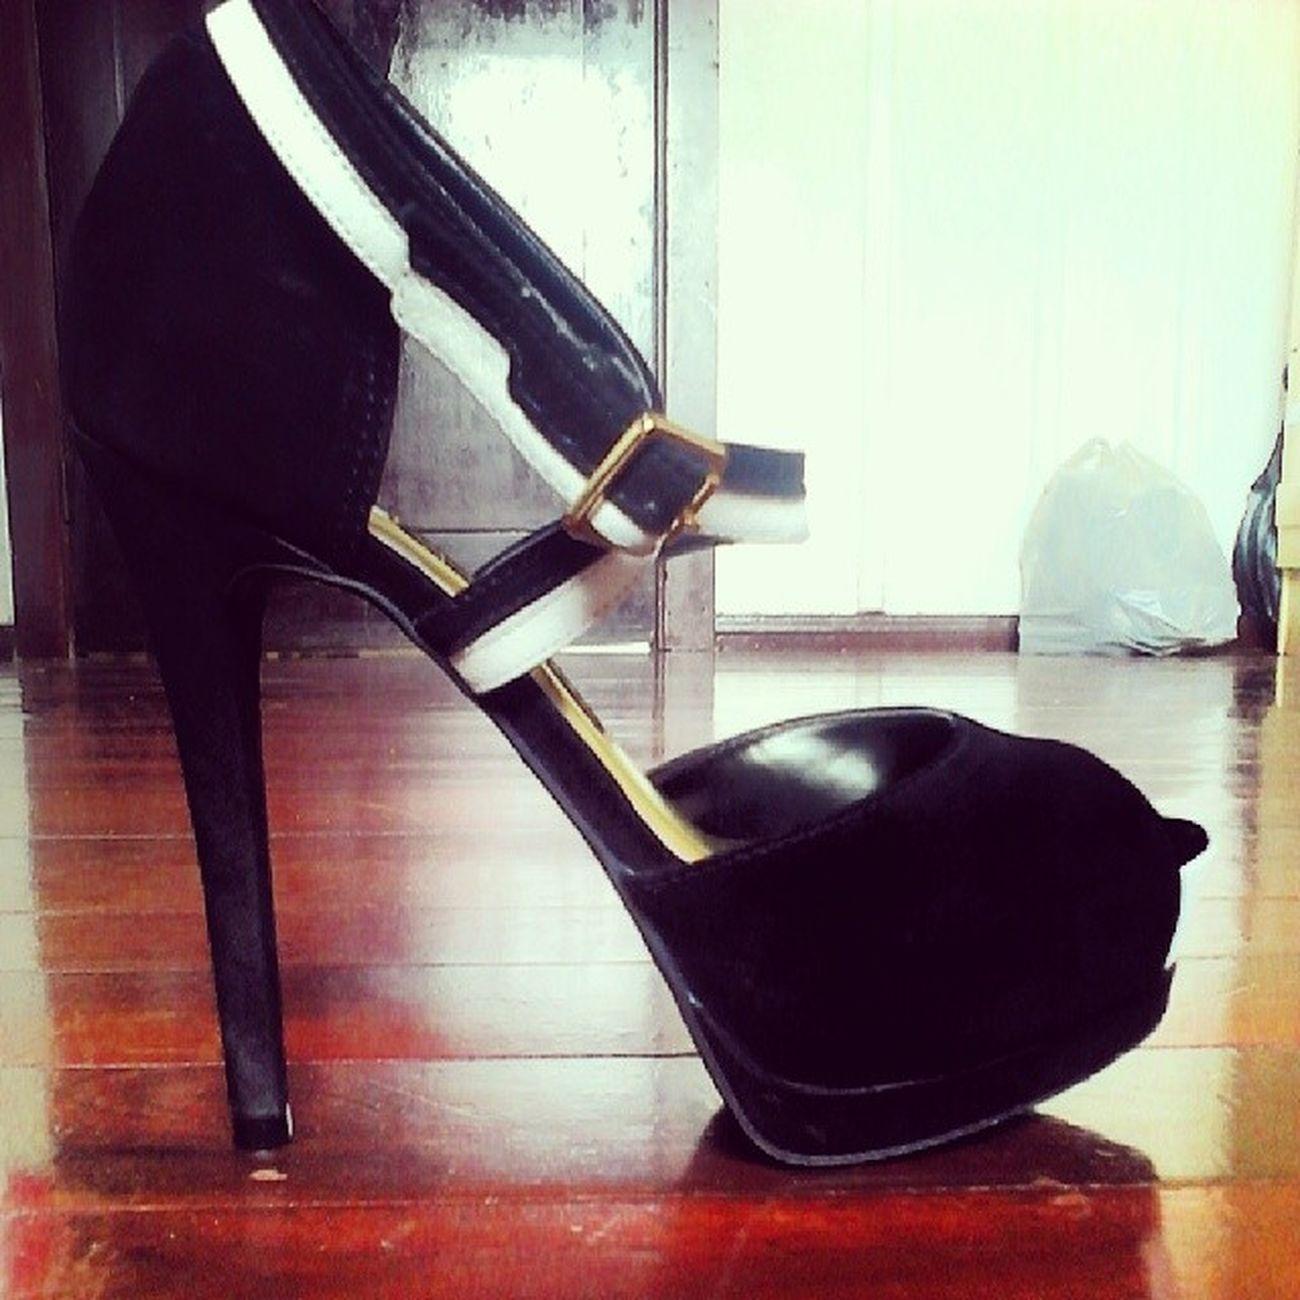 O maus novo da coleção.. Sapato  Salto Paixão Vicio viamarte